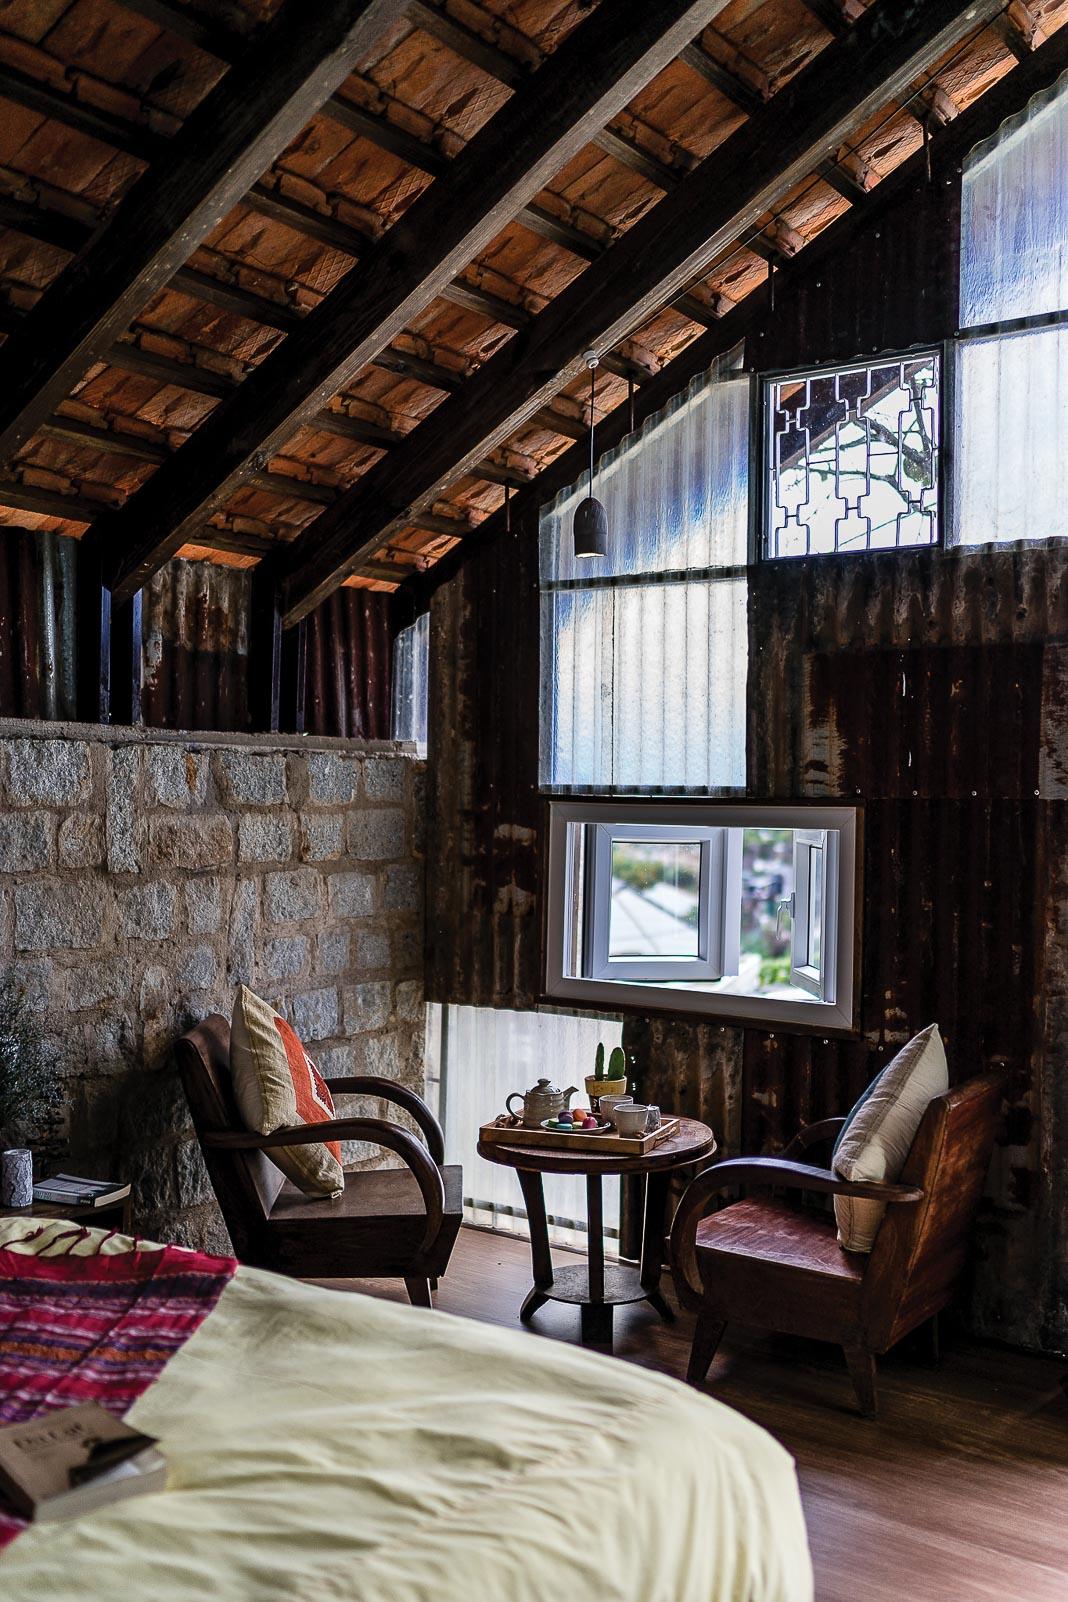 Khối ngủ kết nối với các chức năng còn lại: góc ngồi mở tầm nhìn ra vườn, phòng tắm chỉ ngăn cách với khối ngủ bằng một lớp rèm vải, màu sắc và hoa văn thổ cẩm chính là yếu tố đem lại cảm giác thú vị cho khách lưu trú 2